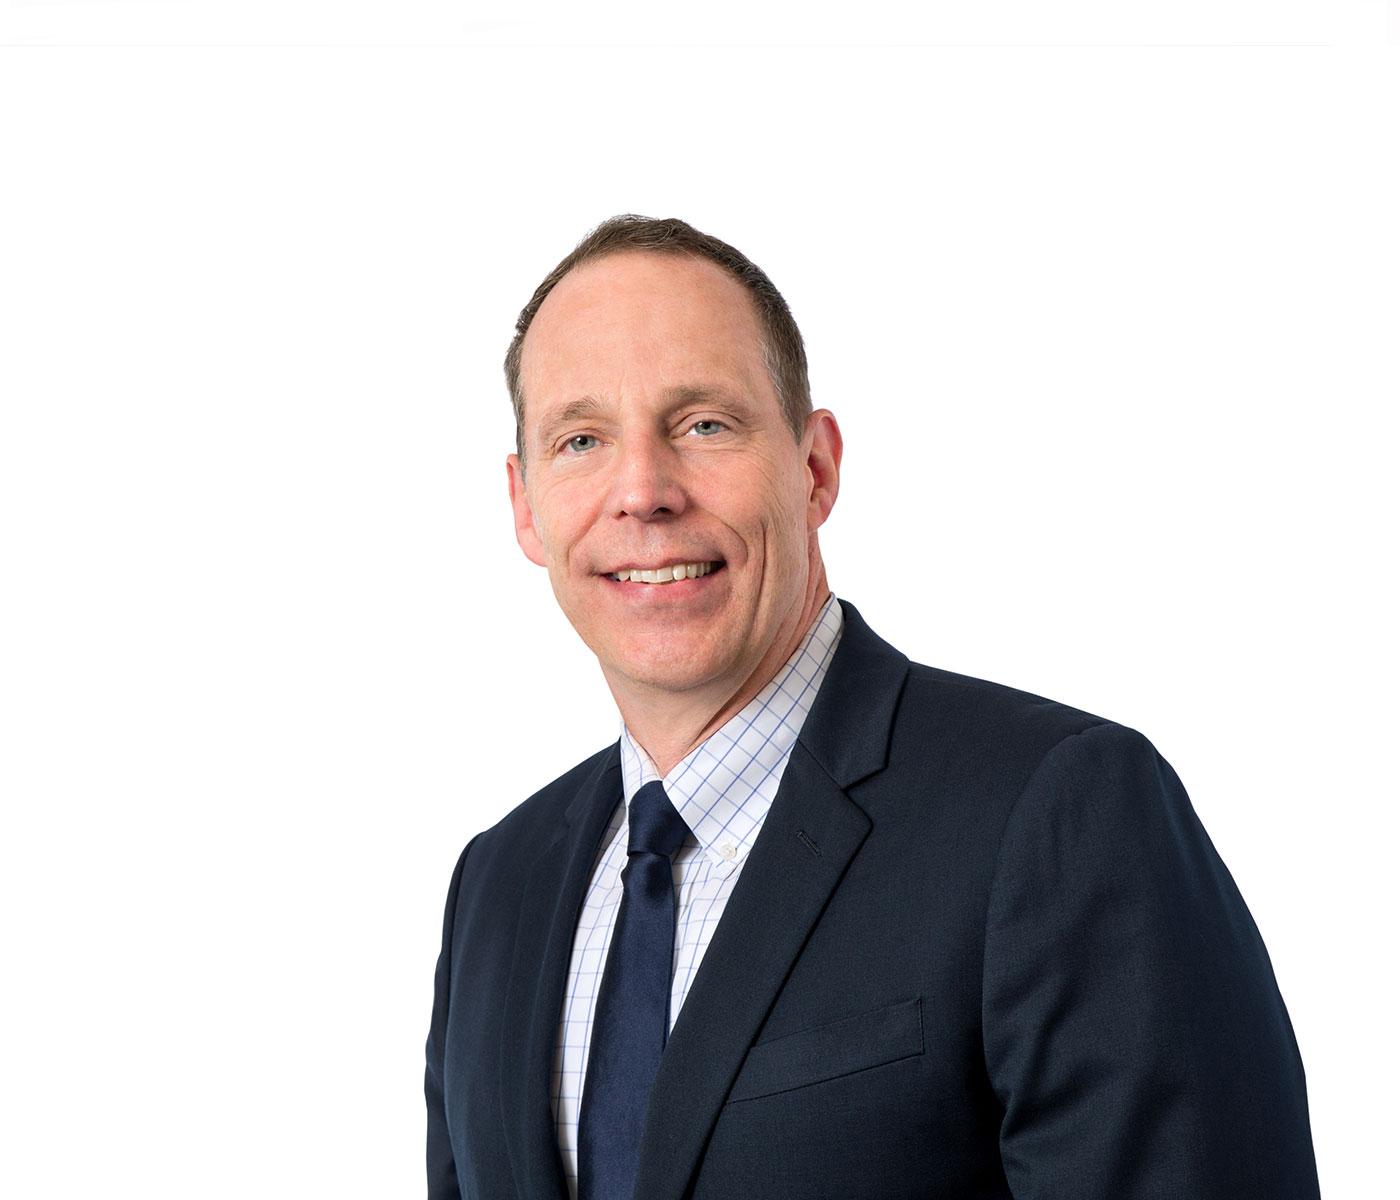 Kirk Roessler